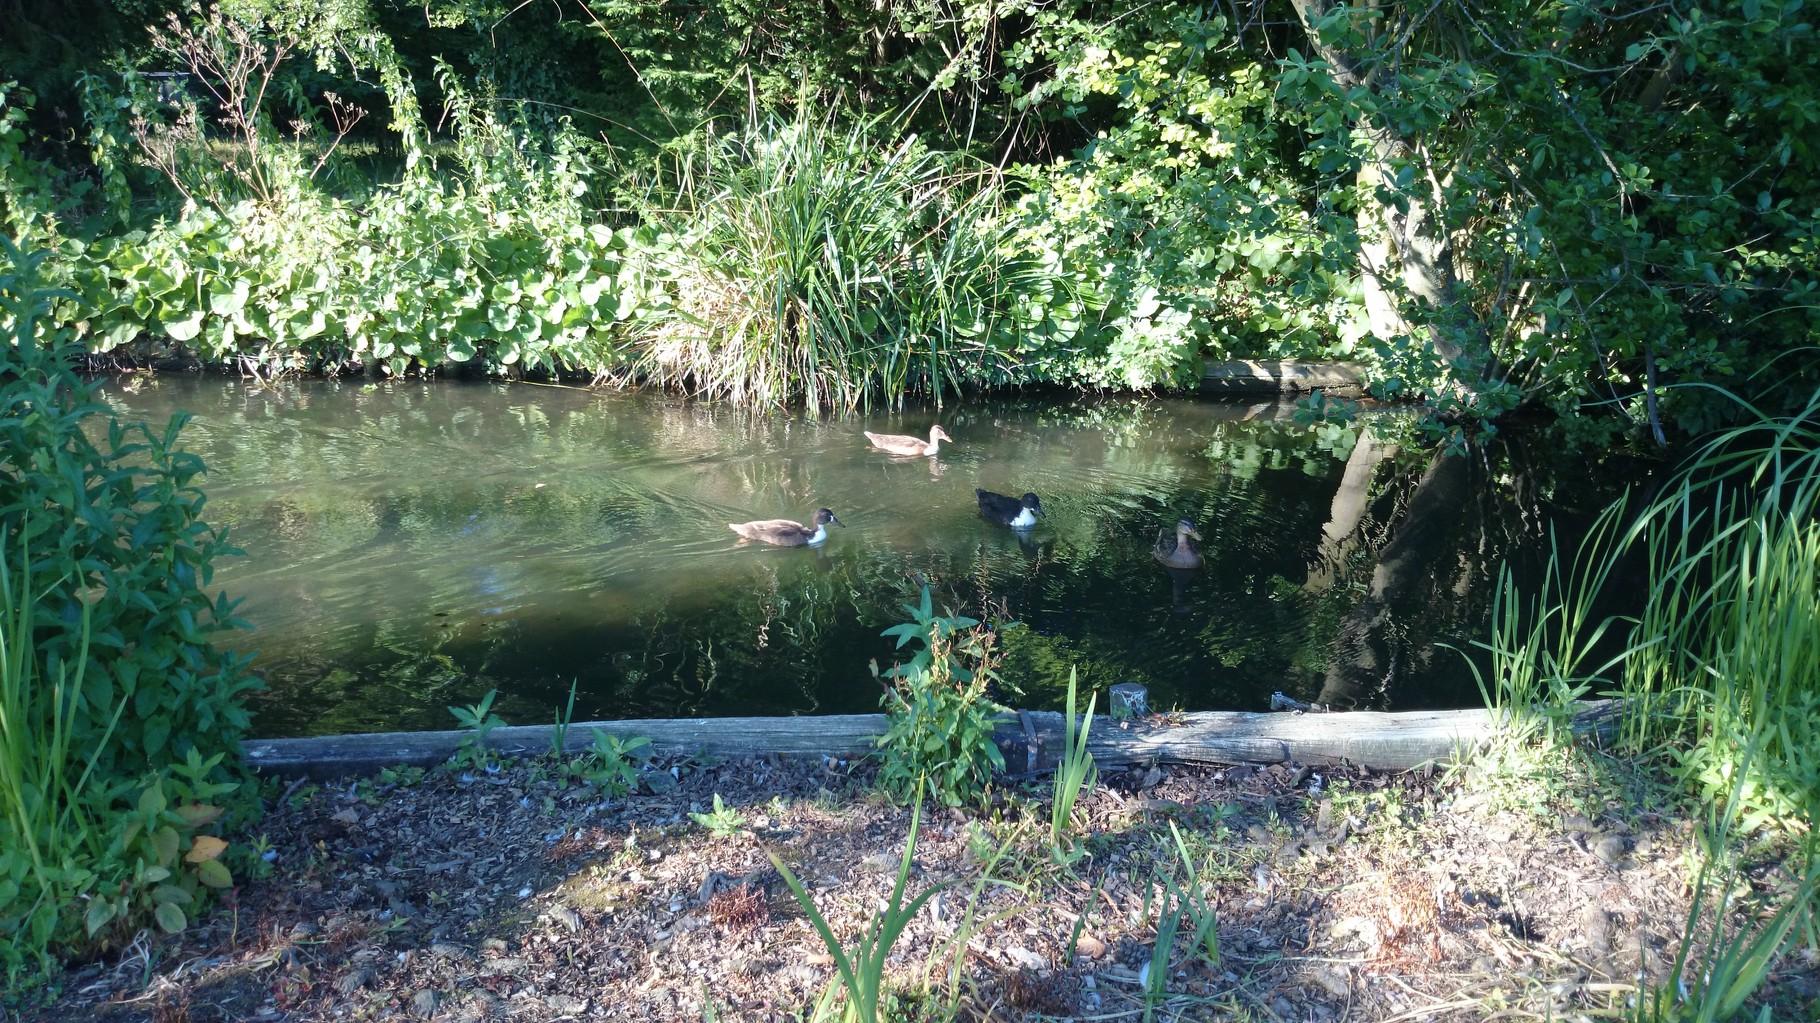 村のパプ、レッドライオンへ向かう道すがらにある小川にいる水鳥たち